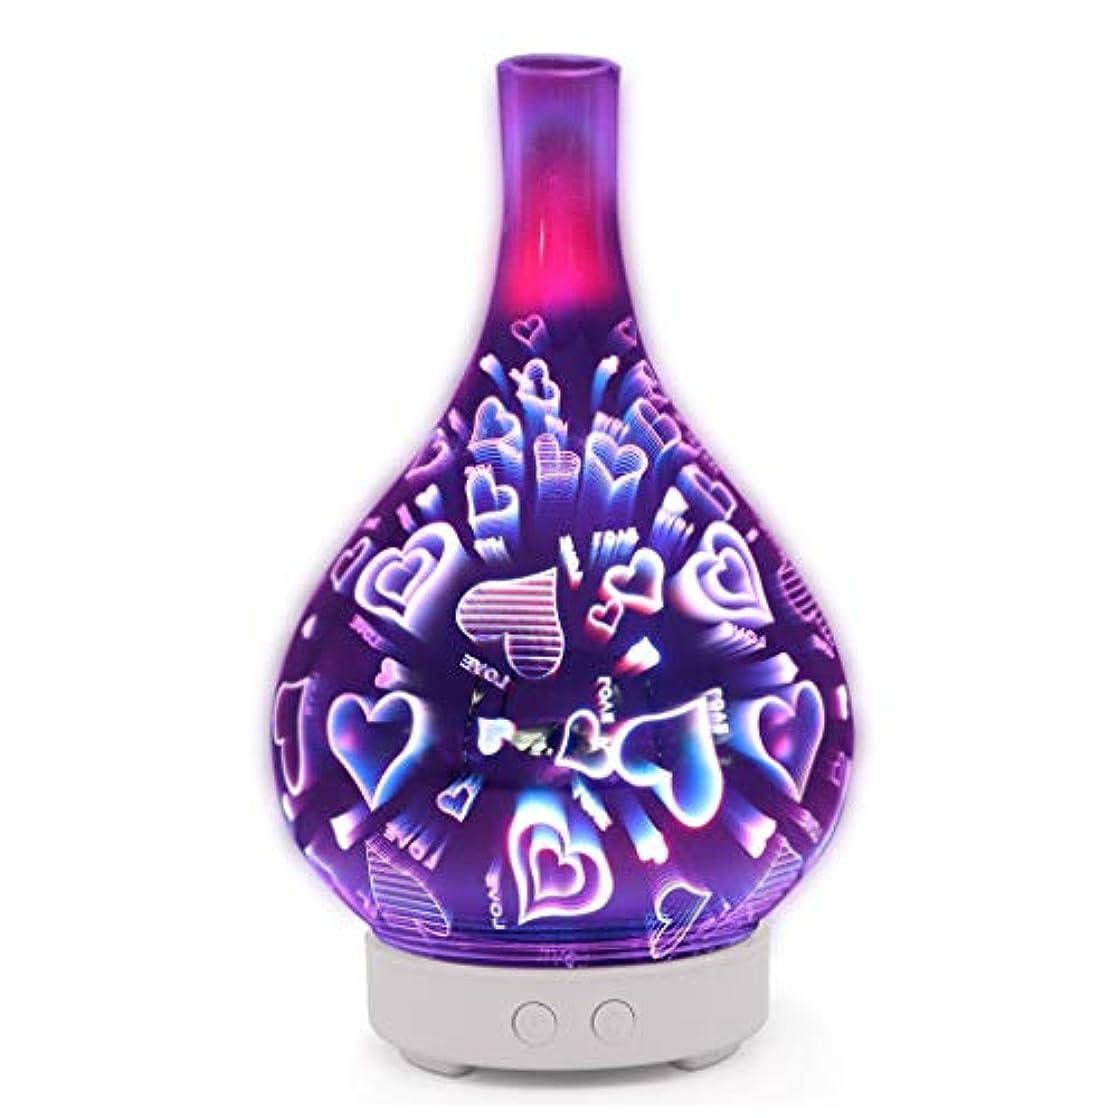 キャンベラカートリッジファンシーすばらしいLEDライト、便利な自動操業停止および大きい水漕が付いている3Dガラスギャラクシー優れた超音波加湿器 (Color : Love)